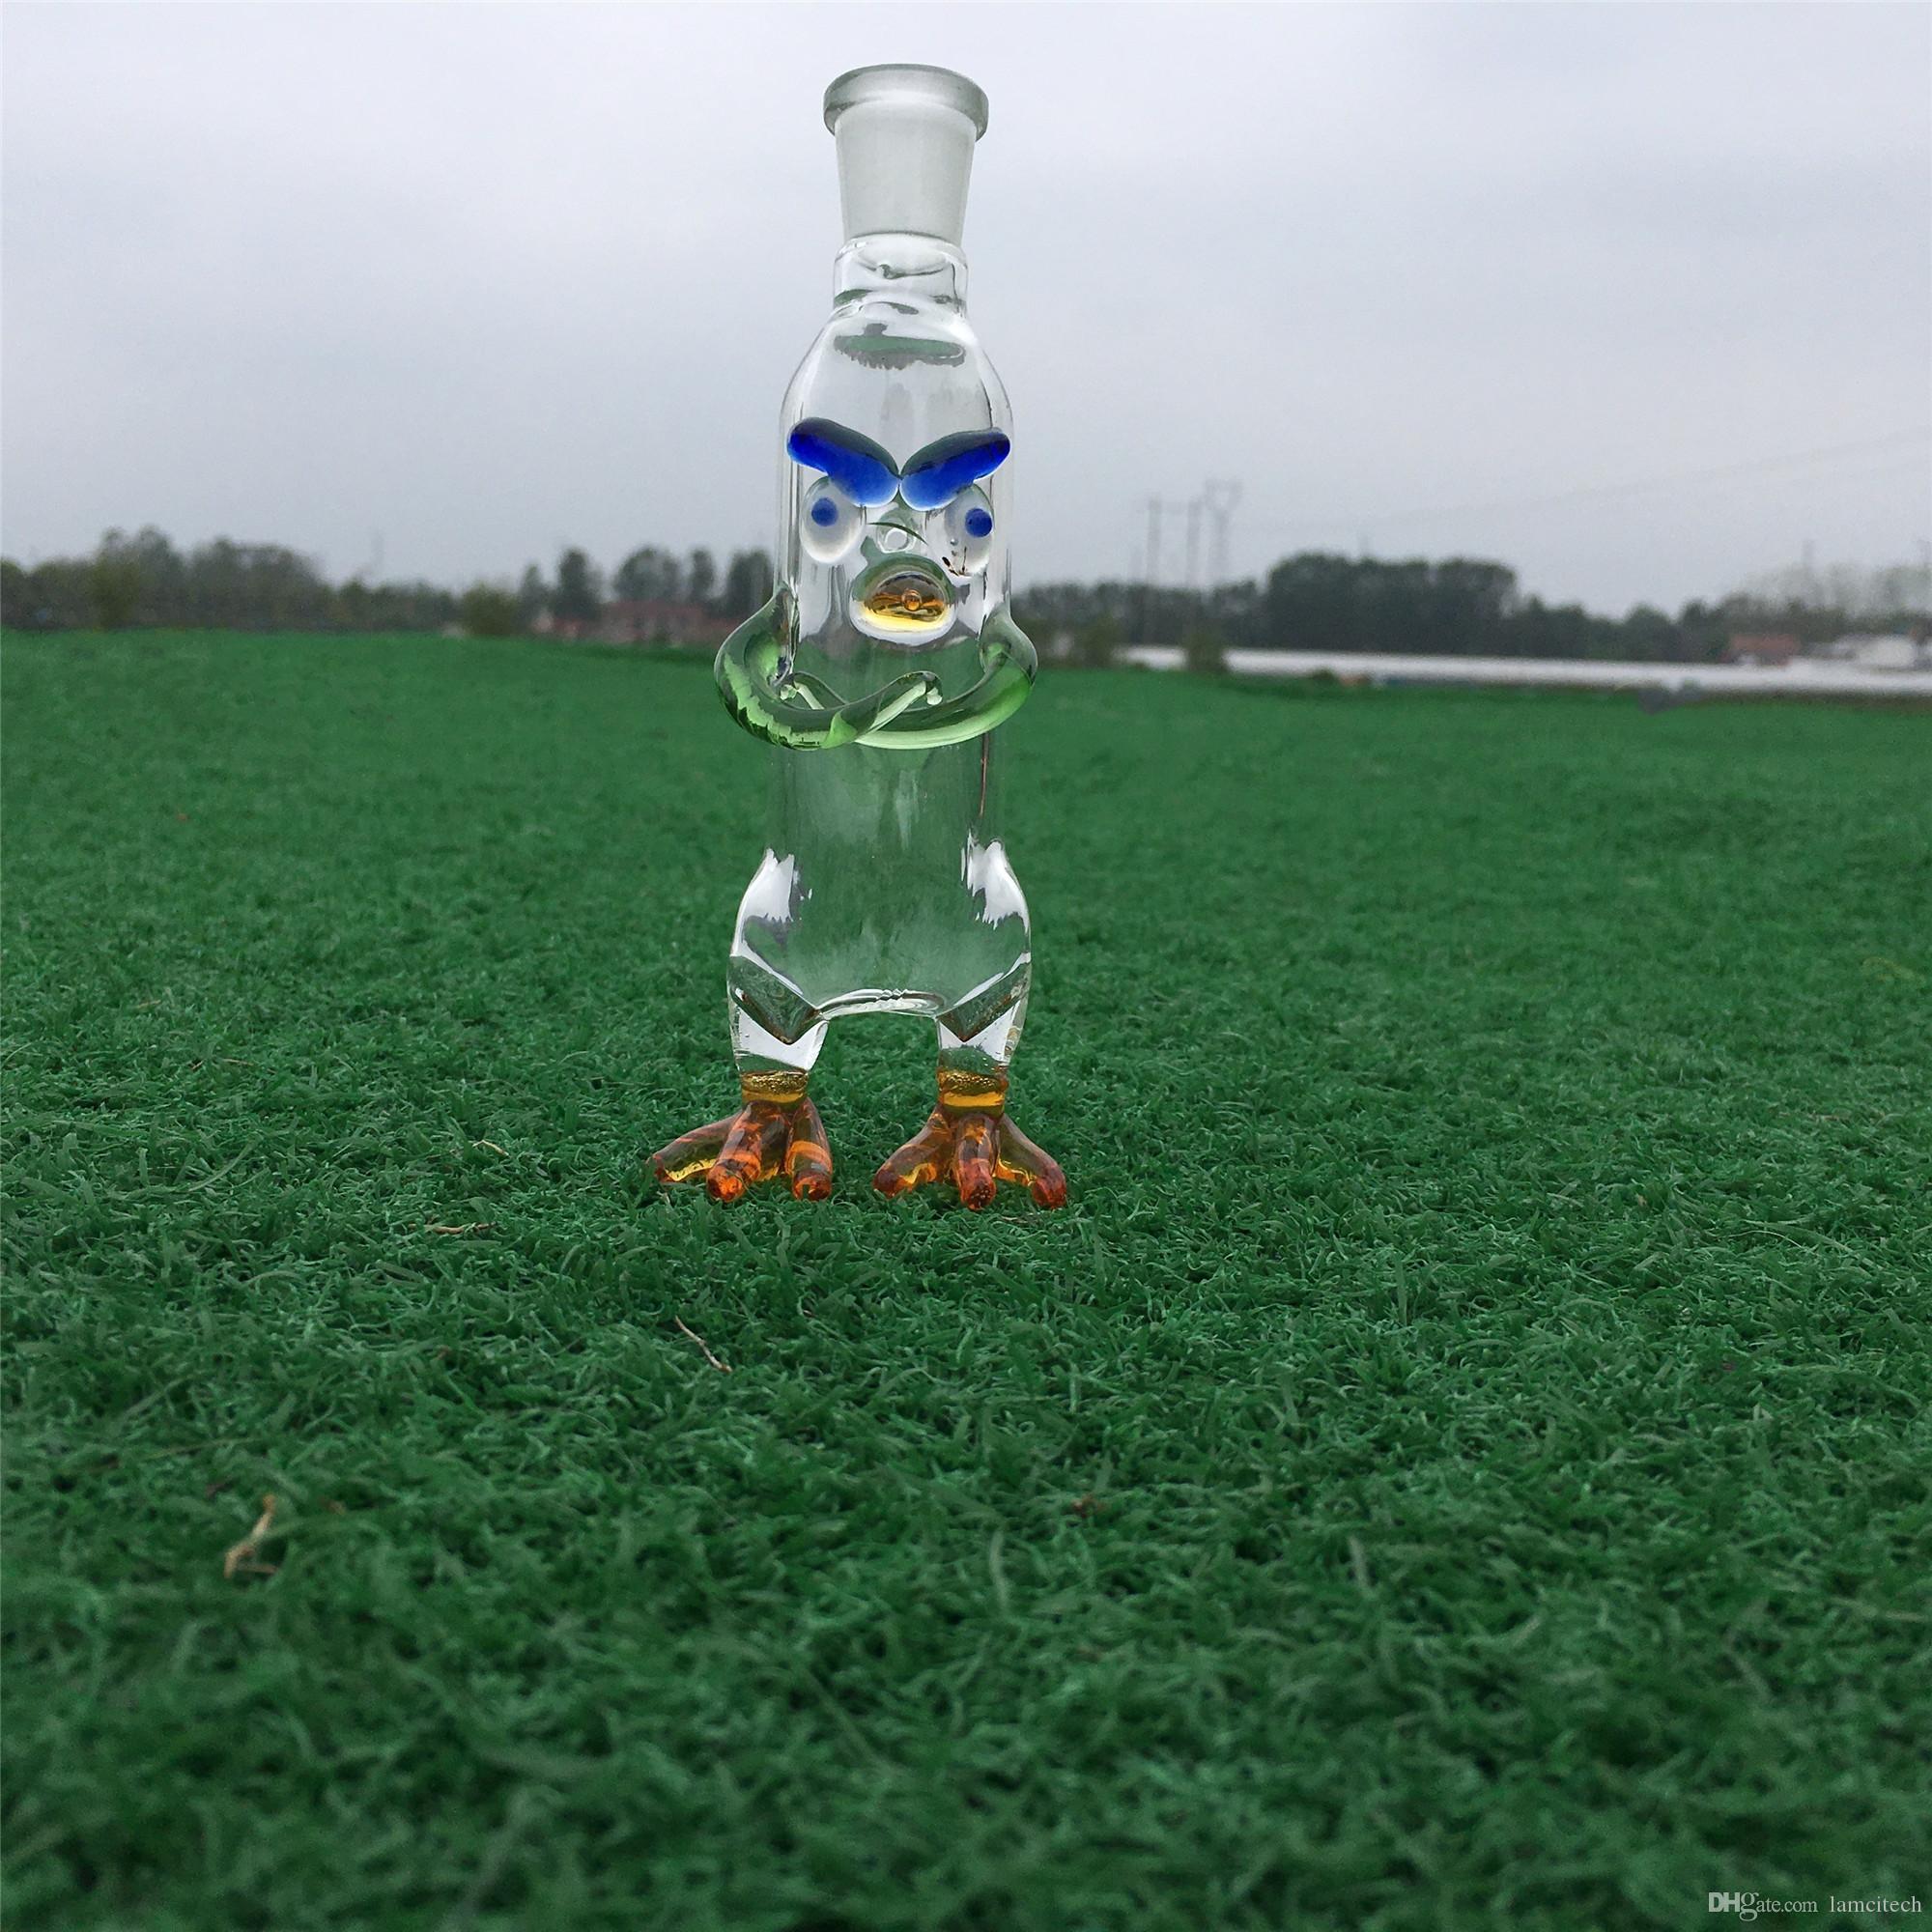 Hecho a mano 148 mm de altura tubo de tubo de vidrio de 14 mm tubo de filtro de agua conjunto hembra vidrio recto Bong pequeño tubo de fumar pipa de narguile